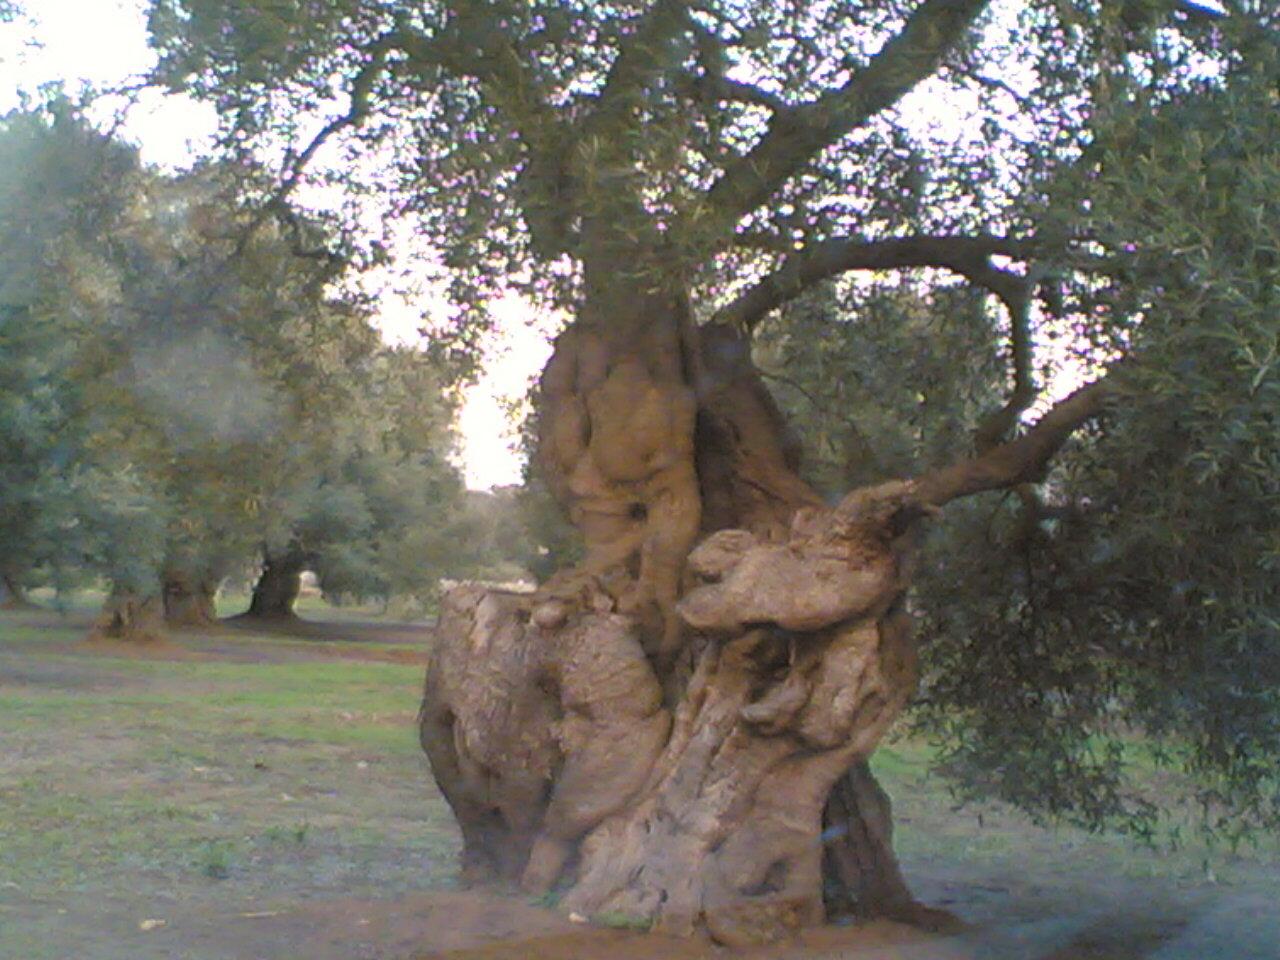 Sosteniamo la diffida di Eliana per bloccare il taglio degli olivi secolari nel Salento